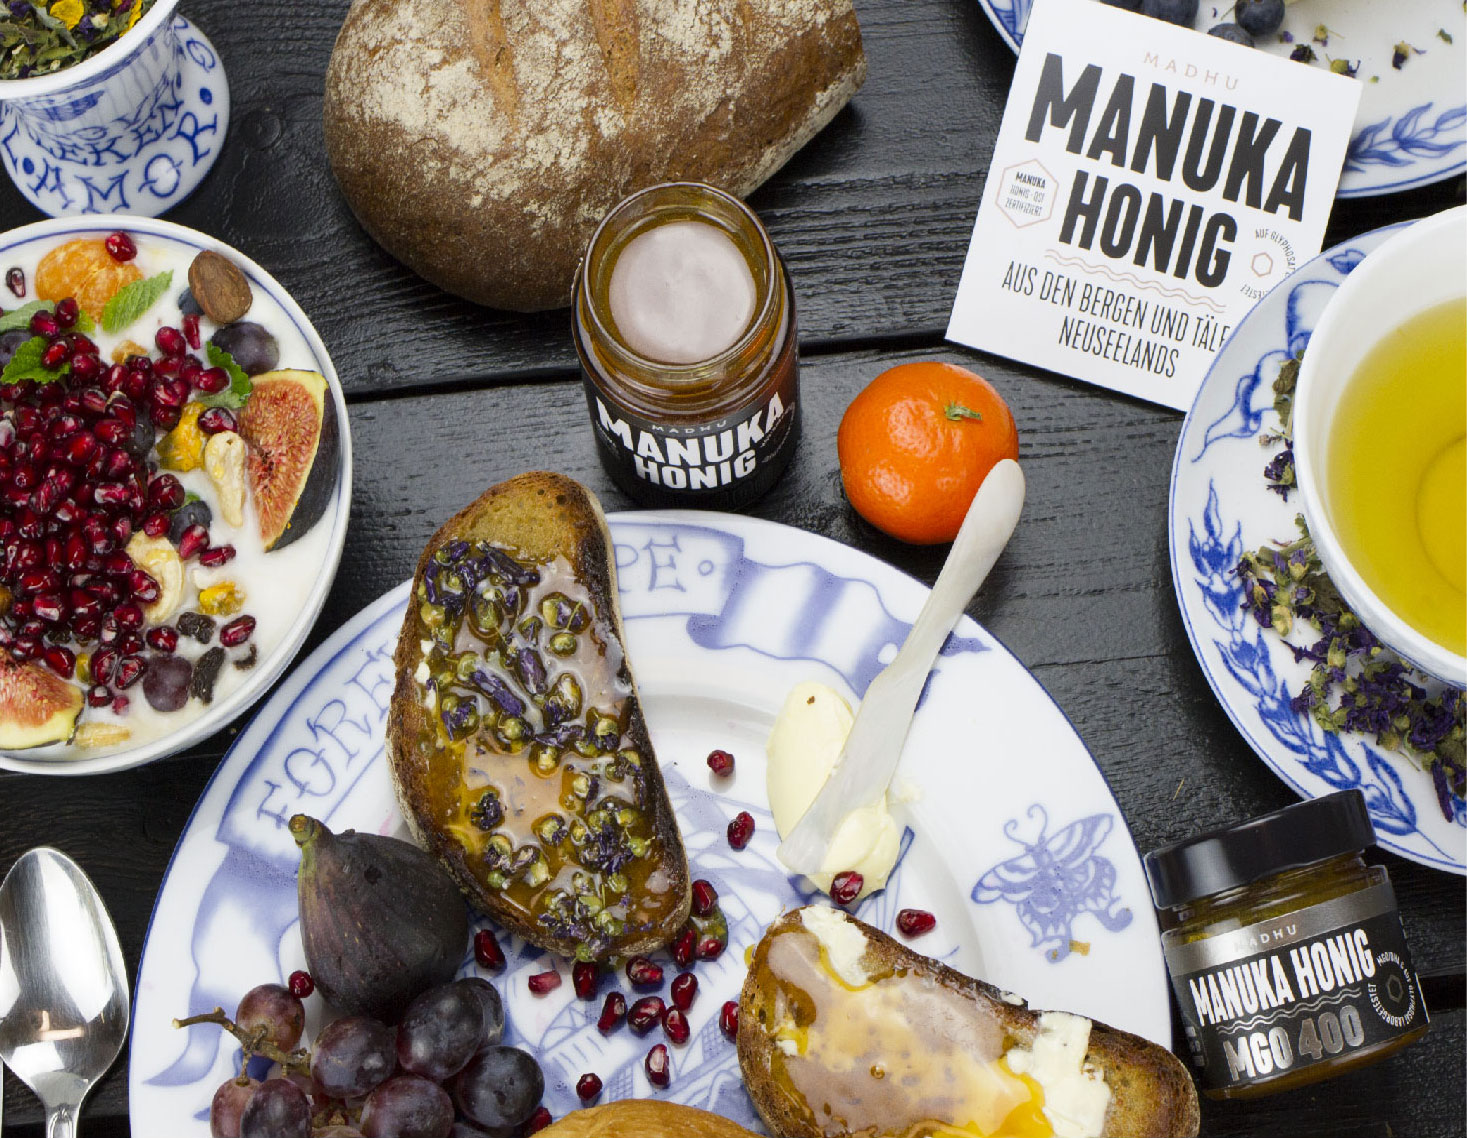 Frühstück mit Manuka Honig